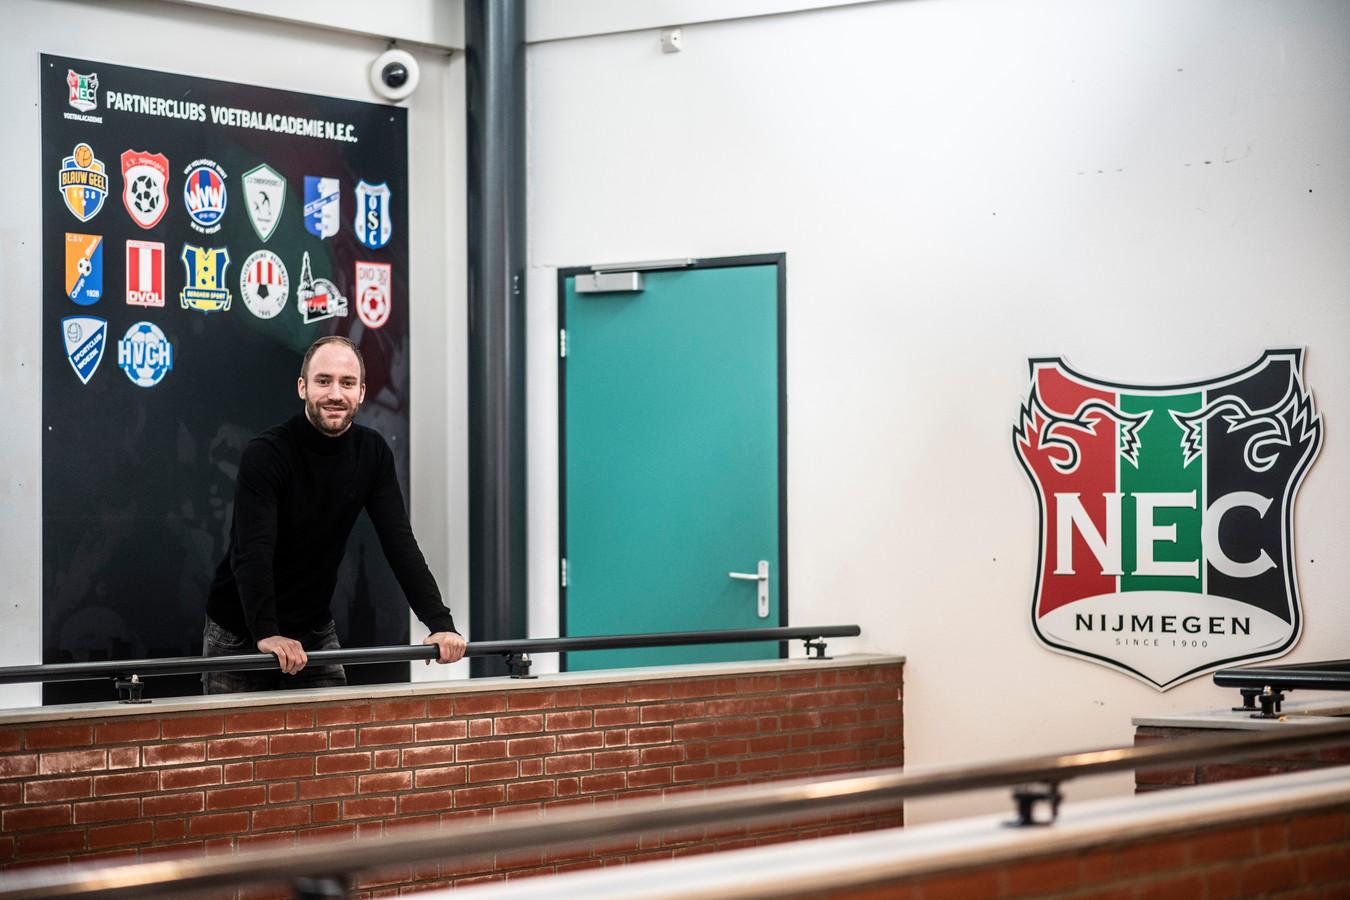 Hoofd jeugdscouting Dominique Scholten van NEC met achter hem het bord met logo's van amateurclubs waarmee NEC samenwerkt en een partnerschap sloot.